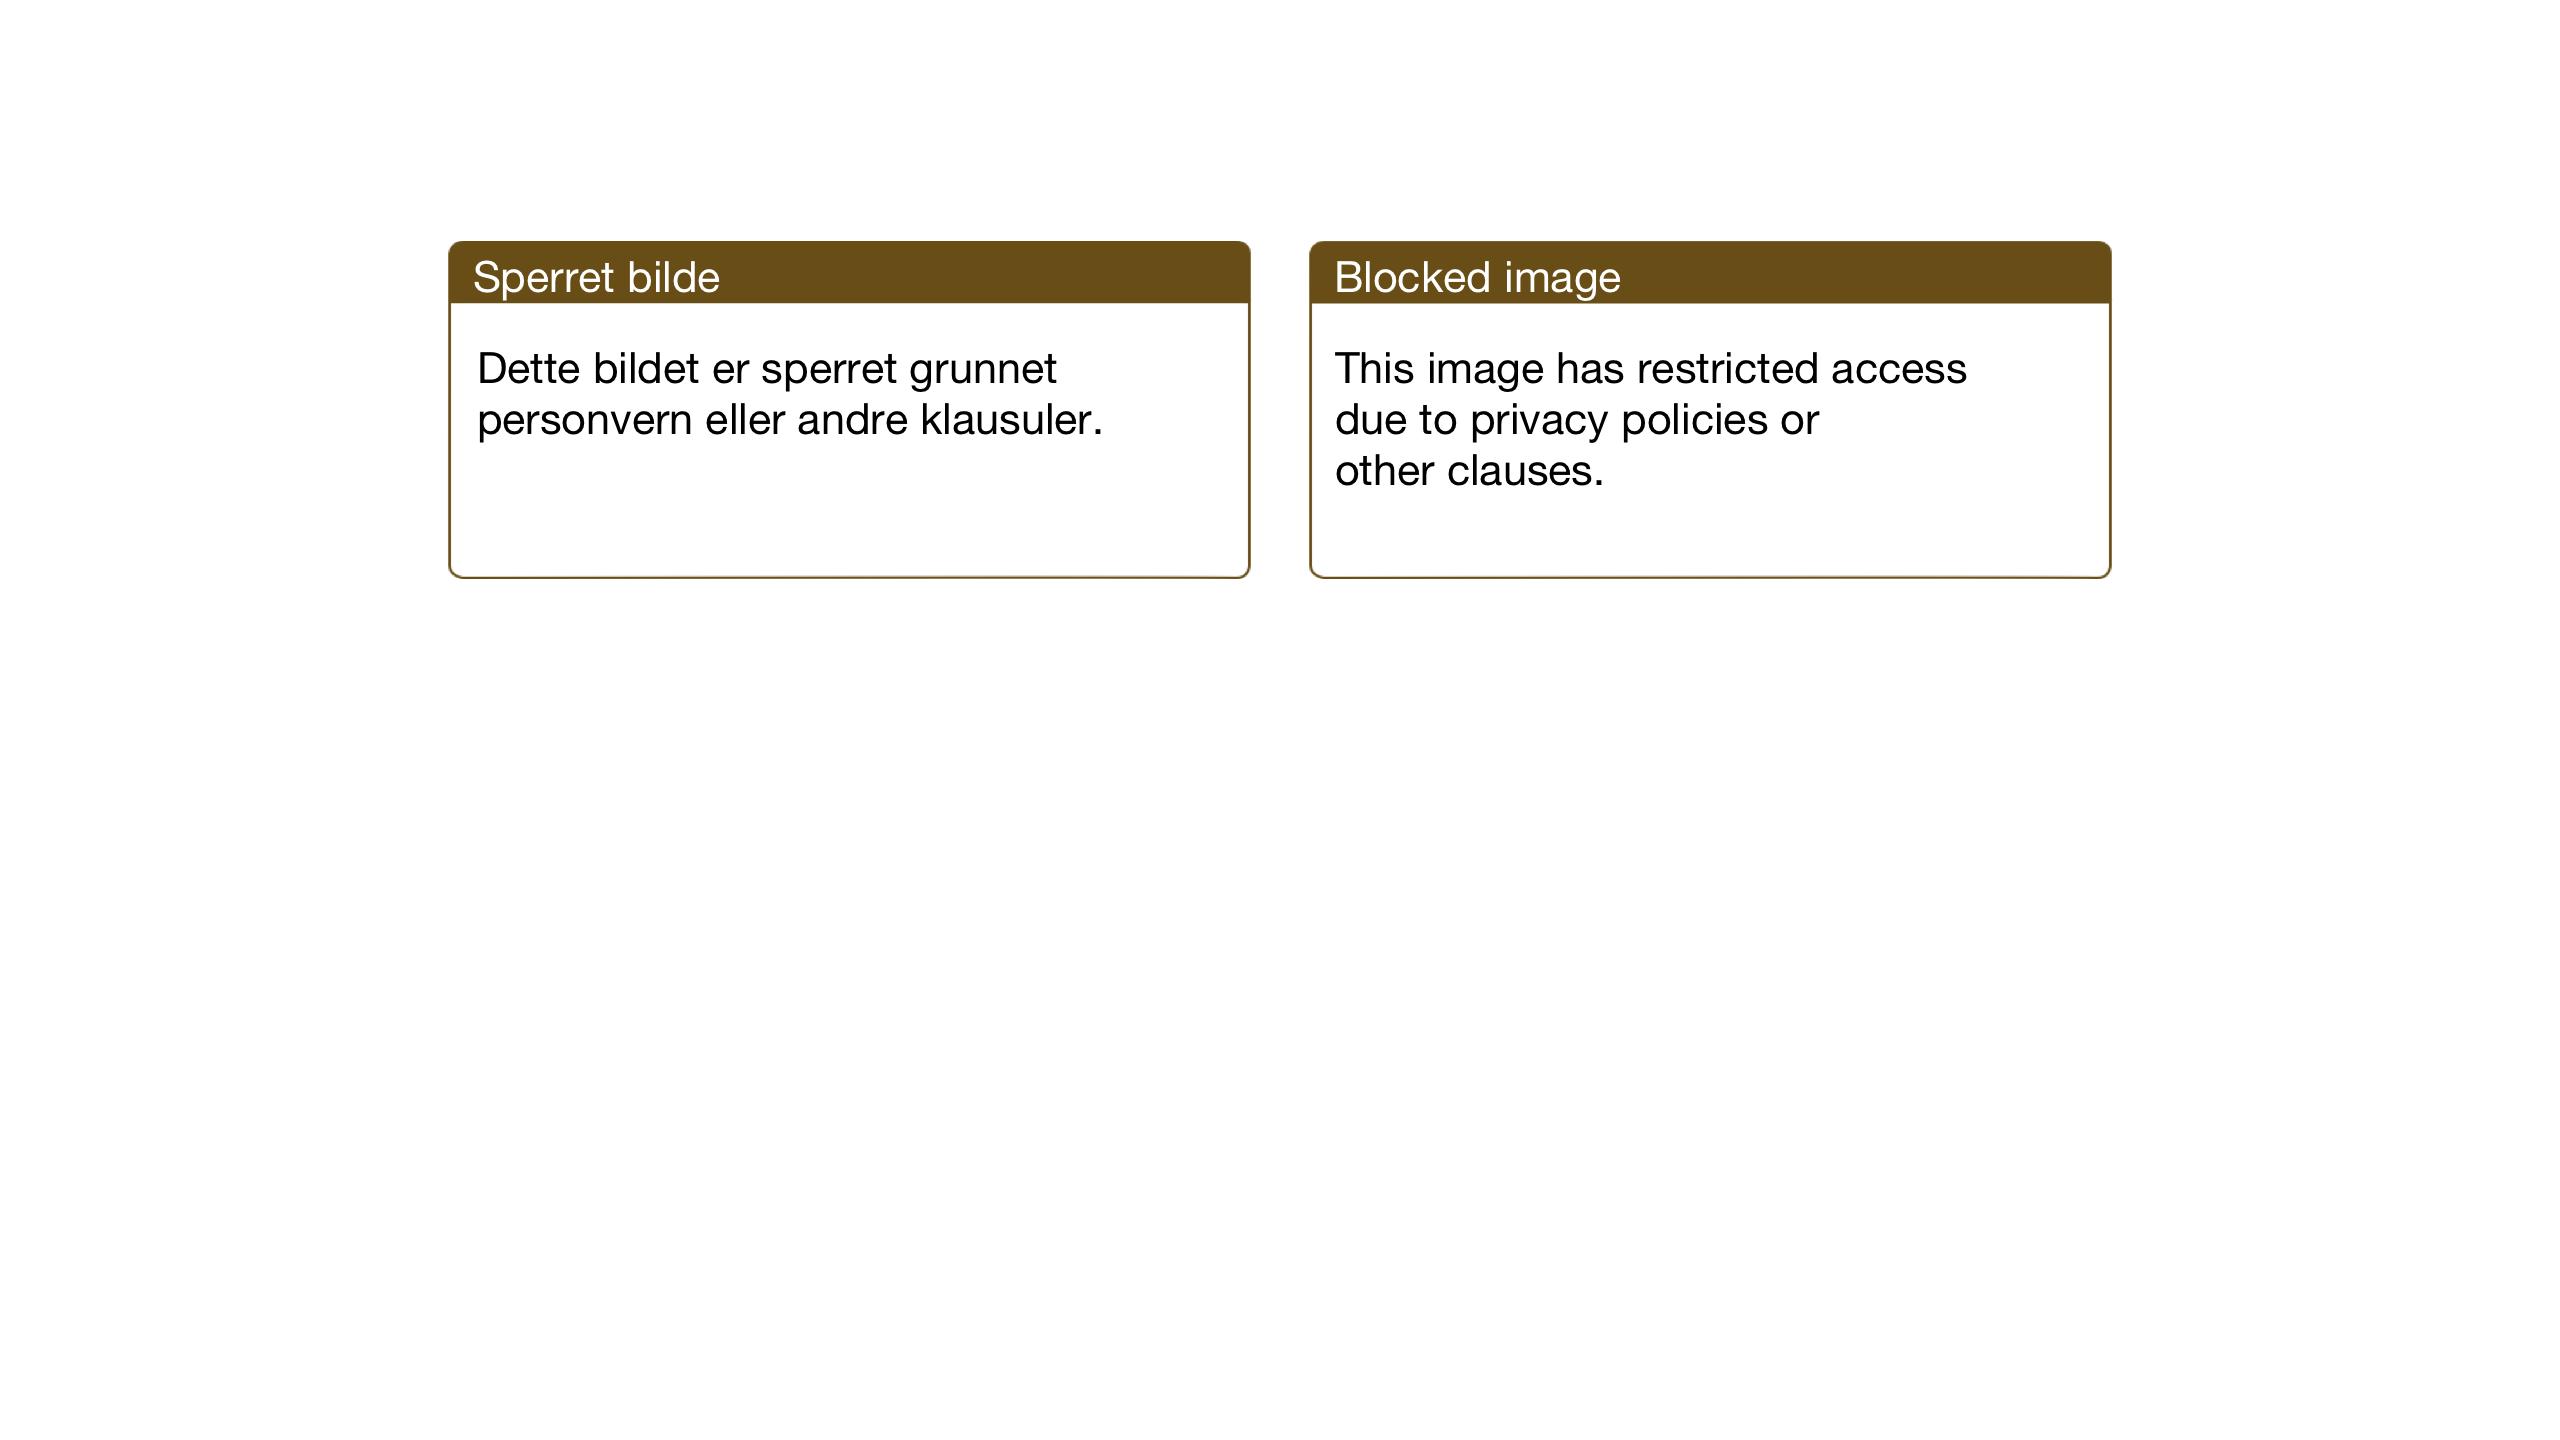 SAT, Ministerialprotokoller, klokkerbøker og fødselsregistre - Sør-Trøndelag, 602/L0150: Klokkerbok nr. 602C18, 1922-1949, s. 165